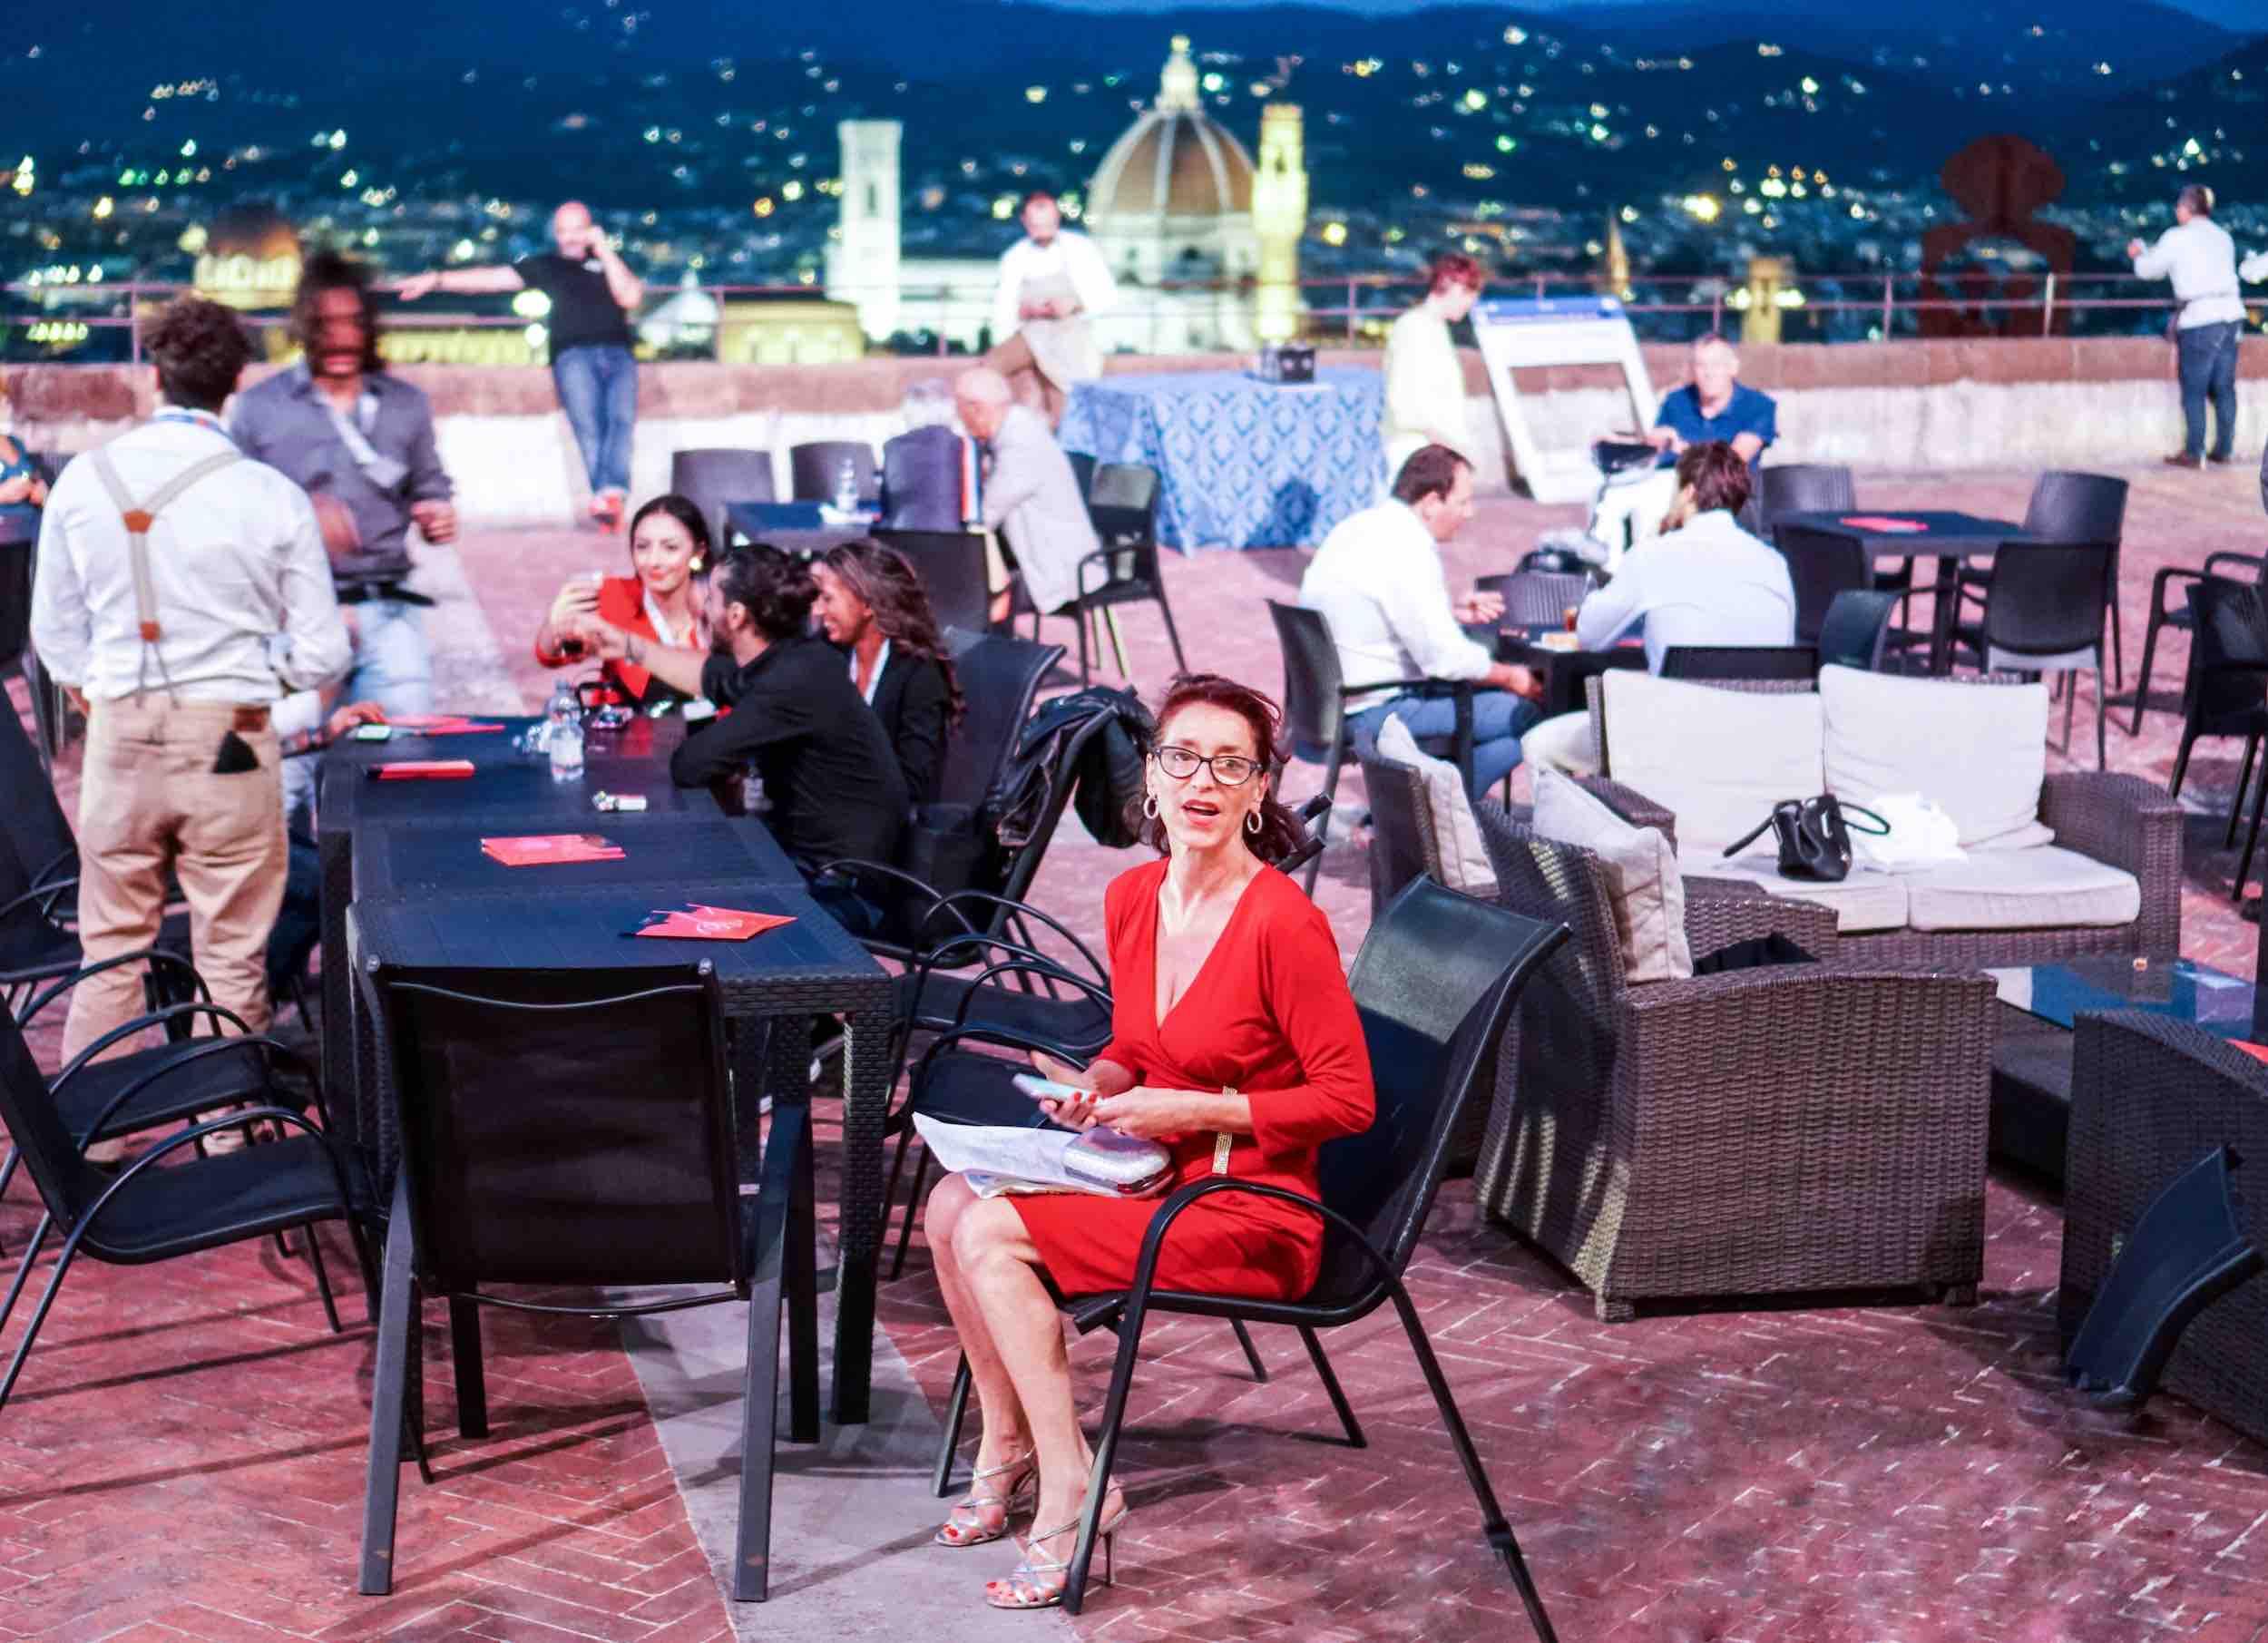 Il 4 luglio a Firenze si è tenuta la Chef Charity Night 2019, in cui sono stati raccolti 5.300 € per il Pronto Soccorso di Careggi